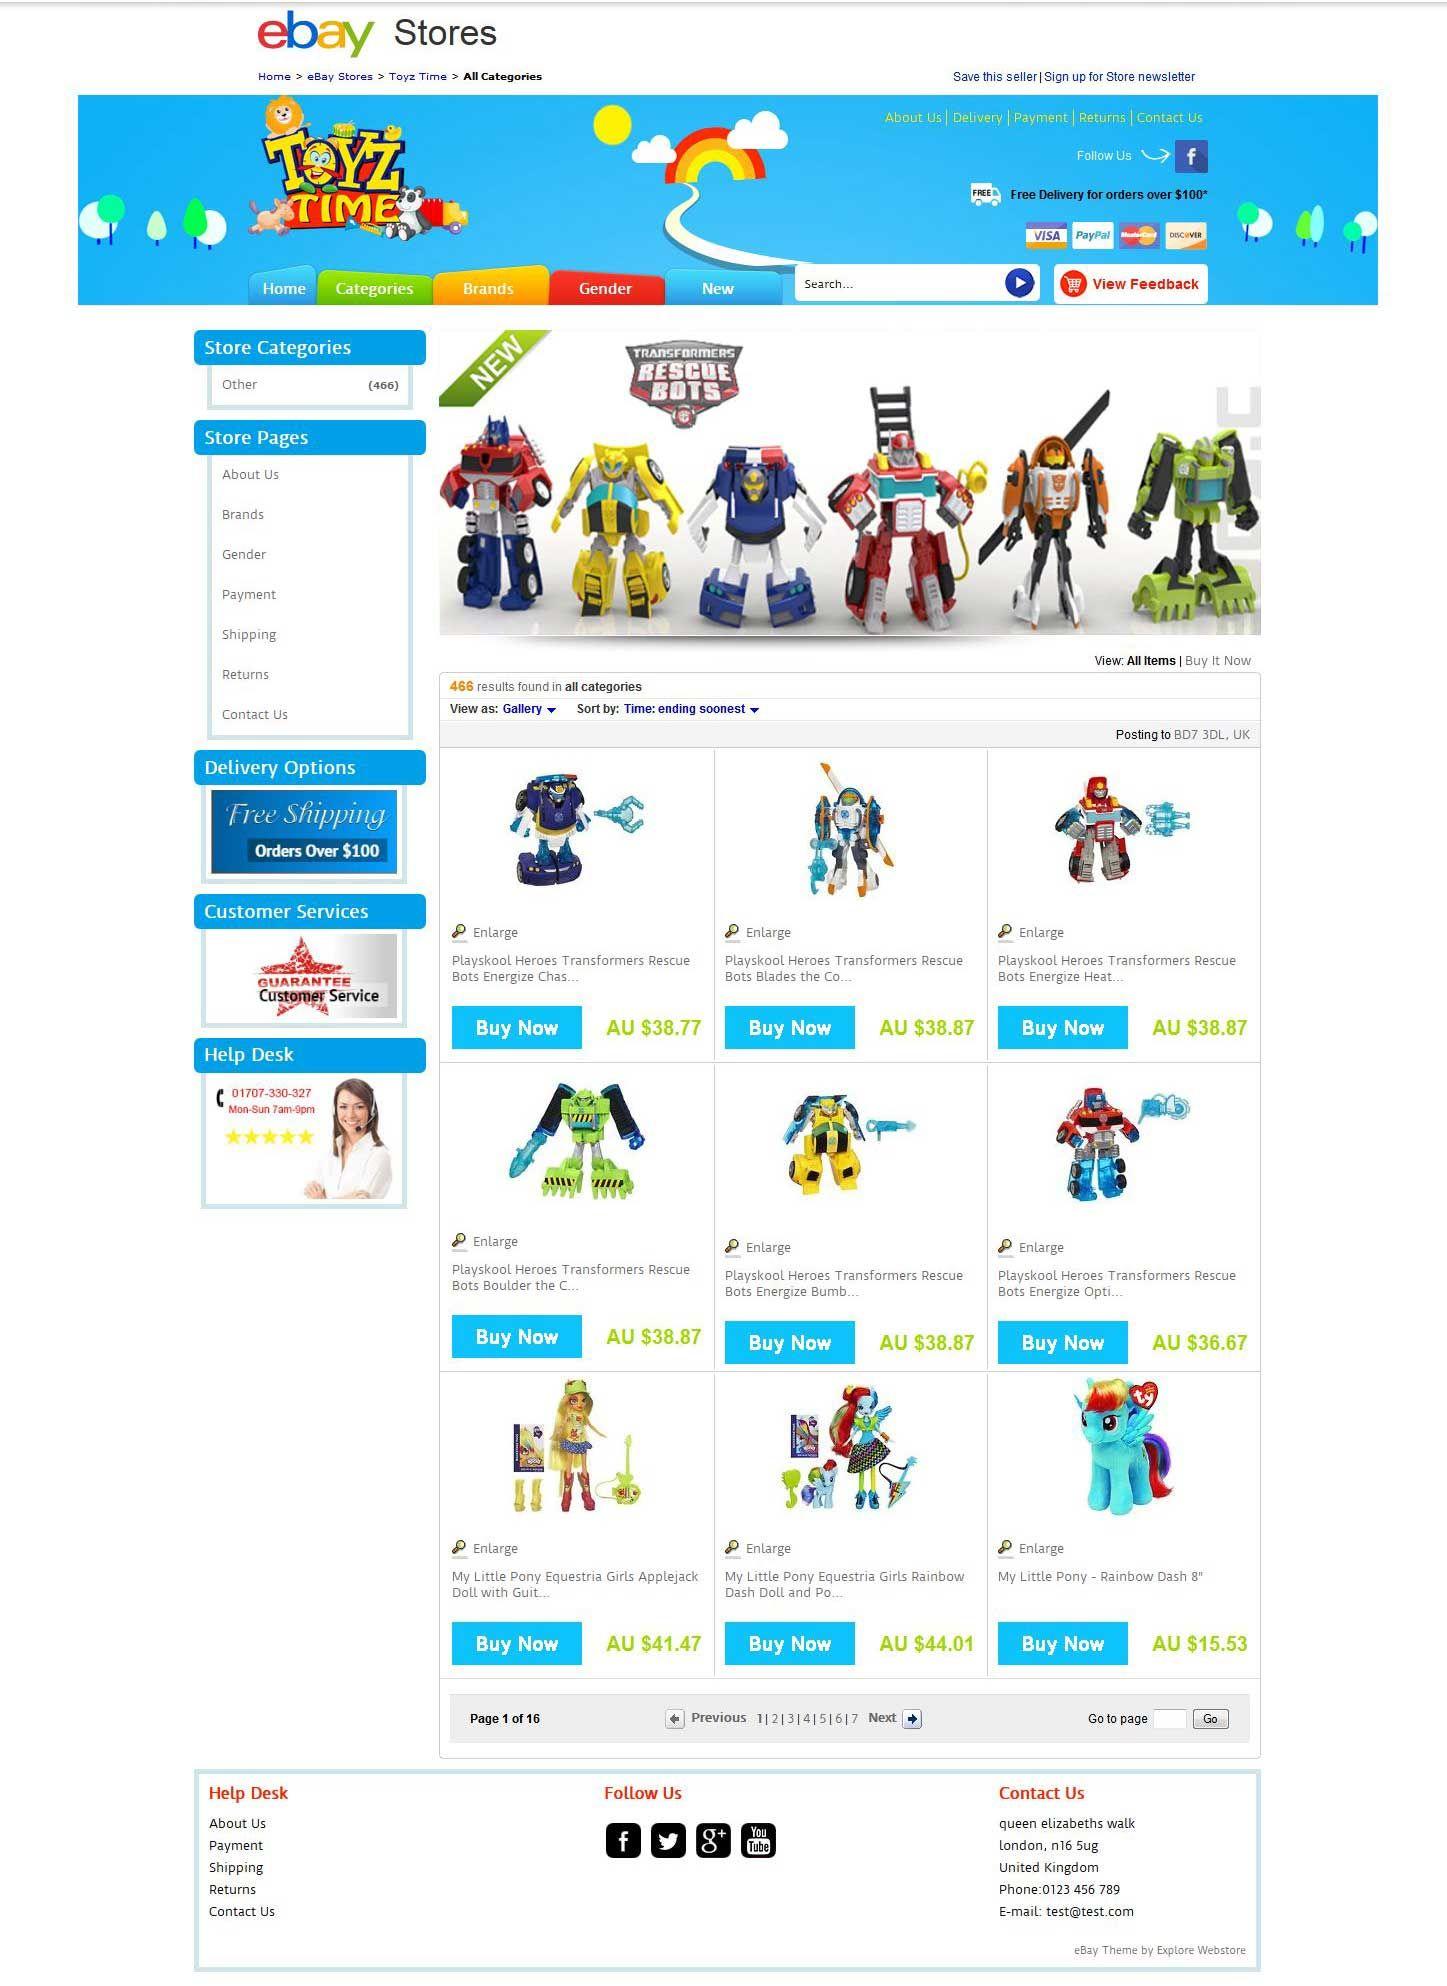 http://stores.ebay.com.au/toyztime